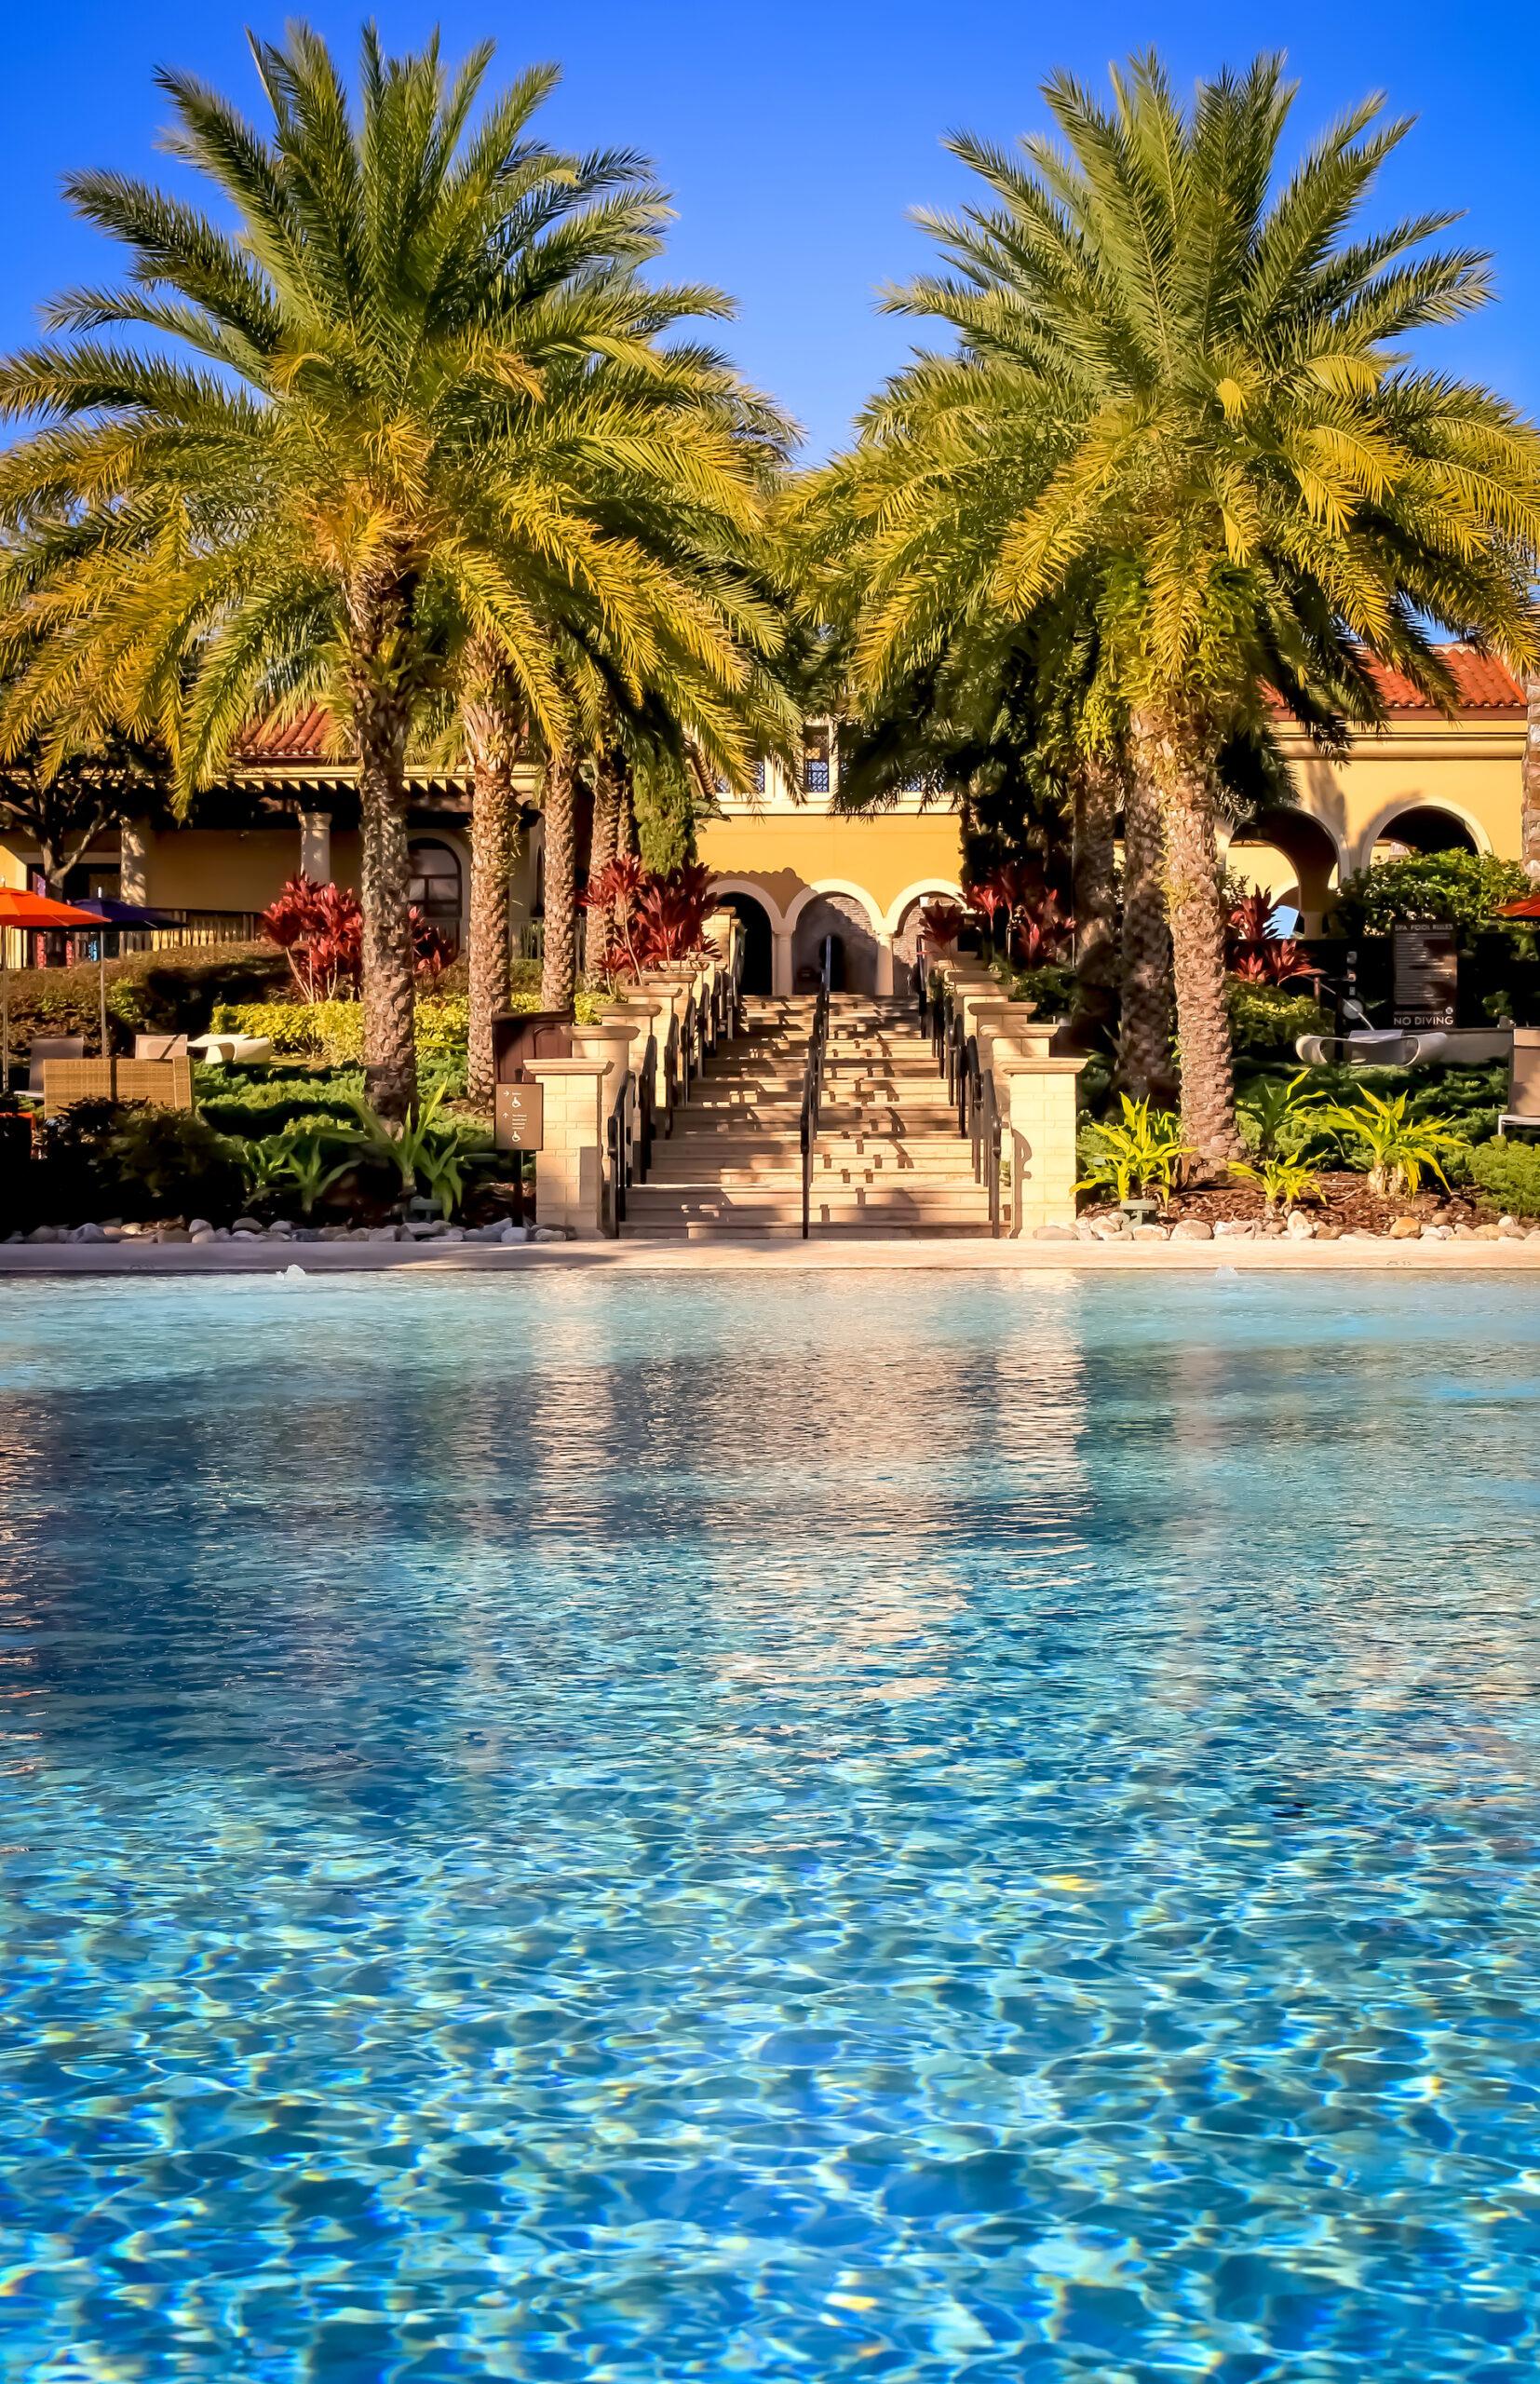 FOUR SEASONS LANGKAWI, MALASYA https://conocedores.com/review-four-seasons-langkawi-el-mejor-hotel-en-una-de-las-mejores-islas-de-malasia-23700  FOUR SEASONS ORLANDO, UNITED STATES  MANDARIN ORIENTAL NEW YORK, UNITED STATES https://conocedores.com/review-mandarin-oriental-new-york-con-las-mejores-vistas-del-central-park-24628  MANDARIN ORIENTAL SINGAPORE https://conocedores.com/review-mandarin-oriental-singapur-uno-de-los-mejores-hoteles-en-marina-bay-23798  THE DOLDER GRAND HOTEL, ZURICH, SWITZERLAND https://conocedores.com/review-dolder-hotel-zurich-para-buscadores-de-lujo-cultura-y-diseno-31534  TRUMP INTERNATIONAL WASHINGTON, WASHINGTON DC, UNITED STATES https://conocedores.com/review-trump-international-washington-uno-de-los-mejores-hoteles-de-ee-uu-25284